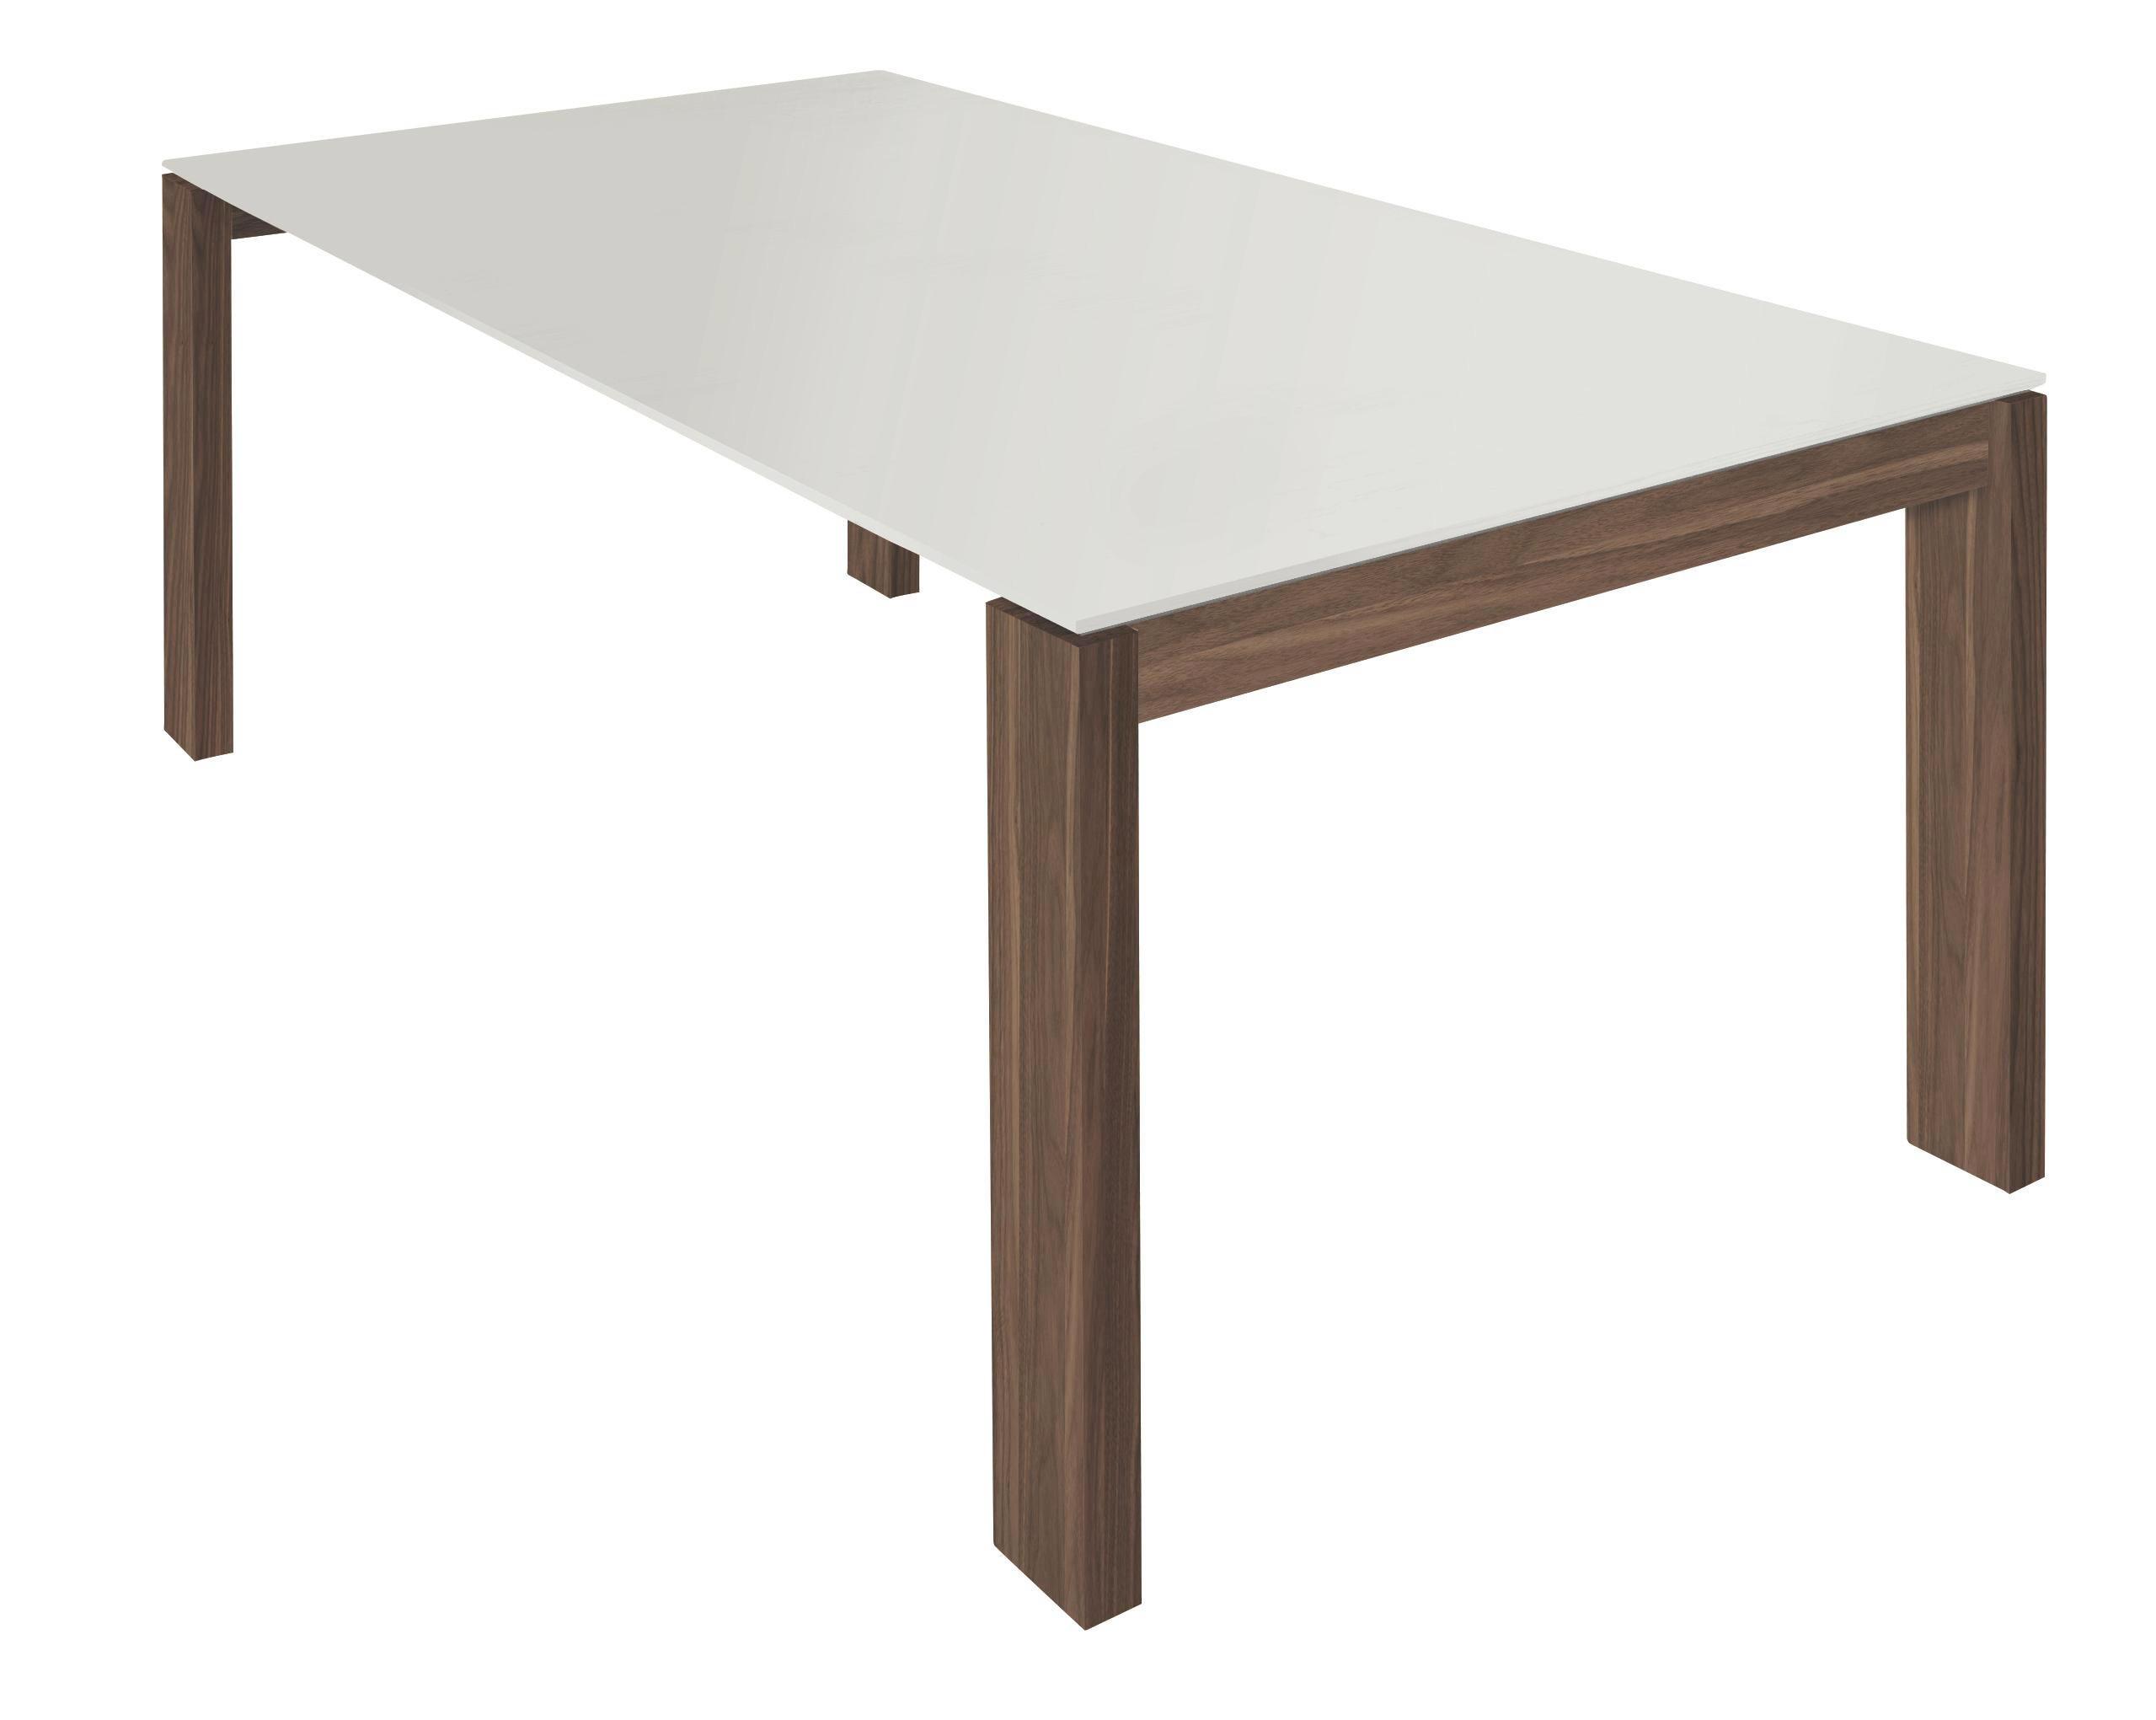 ESSTISCH Nussbaum Furniert Rechteckig Nussbaumfarben, Weiß    Nussbaumfarben/Weiß, Design, Holz (